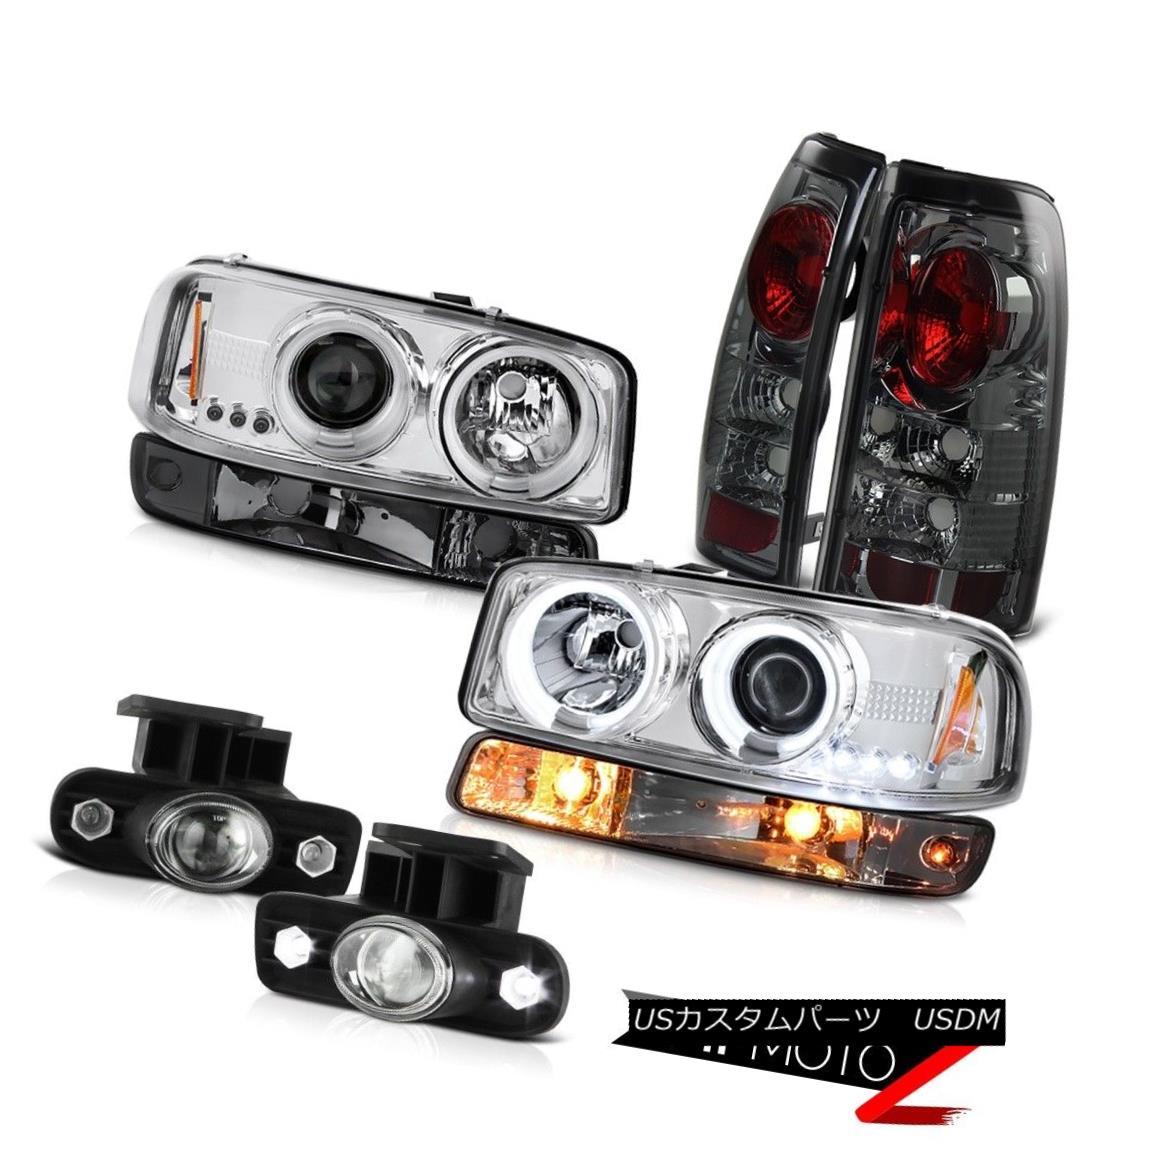 テールライト 1999-2002 Sierra WT Foglamps smokey rear brake lights turn signal ccfl headlamps 1999-2002 Sierra WT Foglampsスモーリアブレーキライト点灯信号ccflヘッドライト